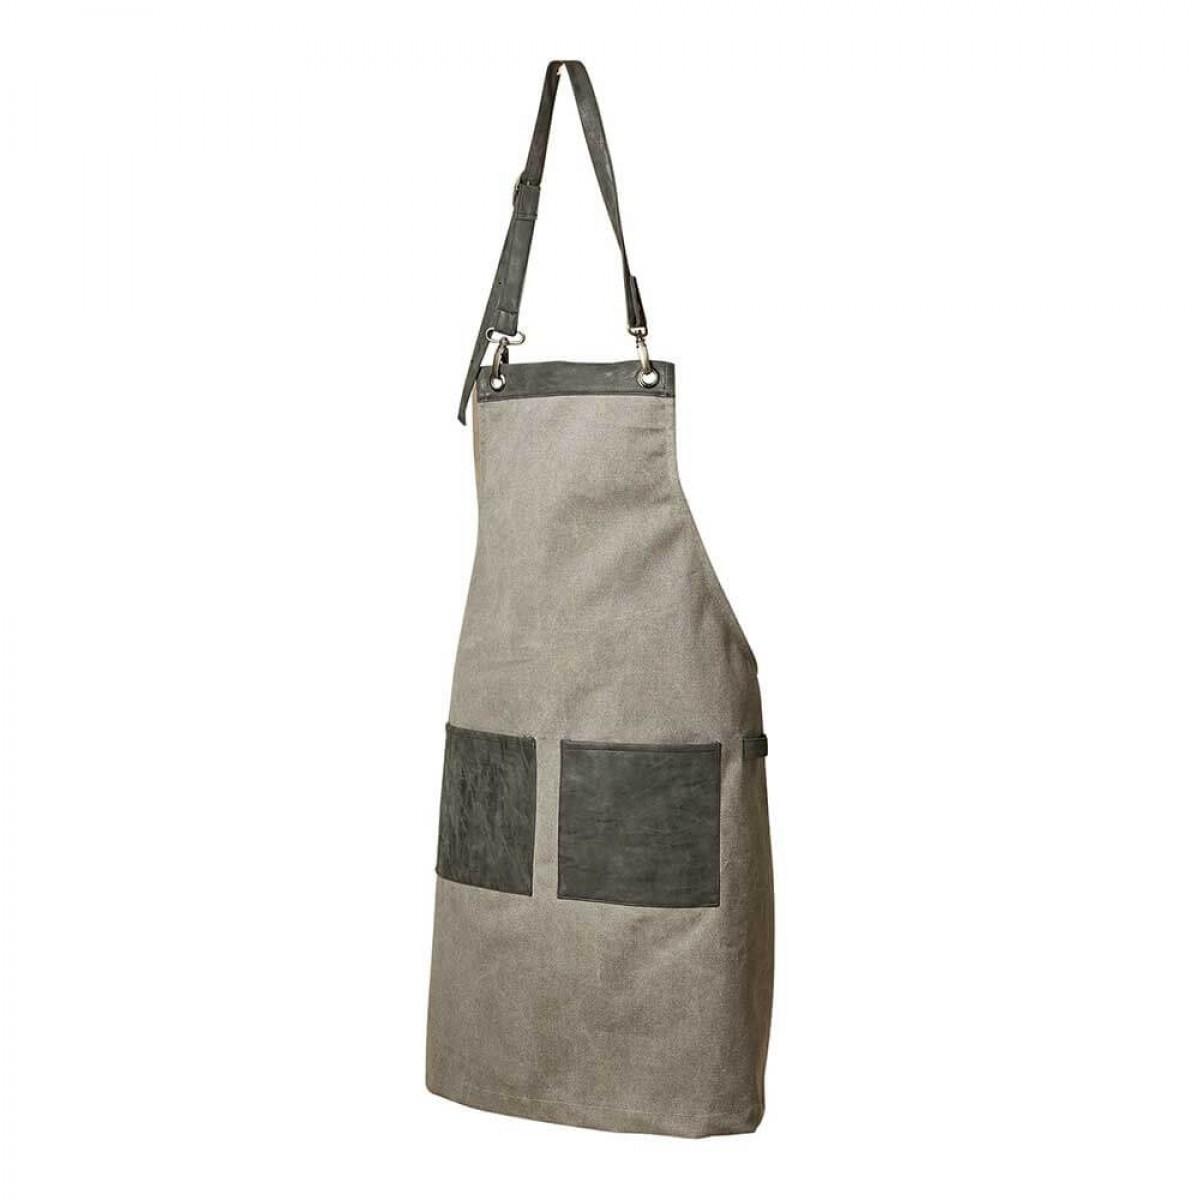 DACORE Forklæde kanvas/PU 2 lommer grå